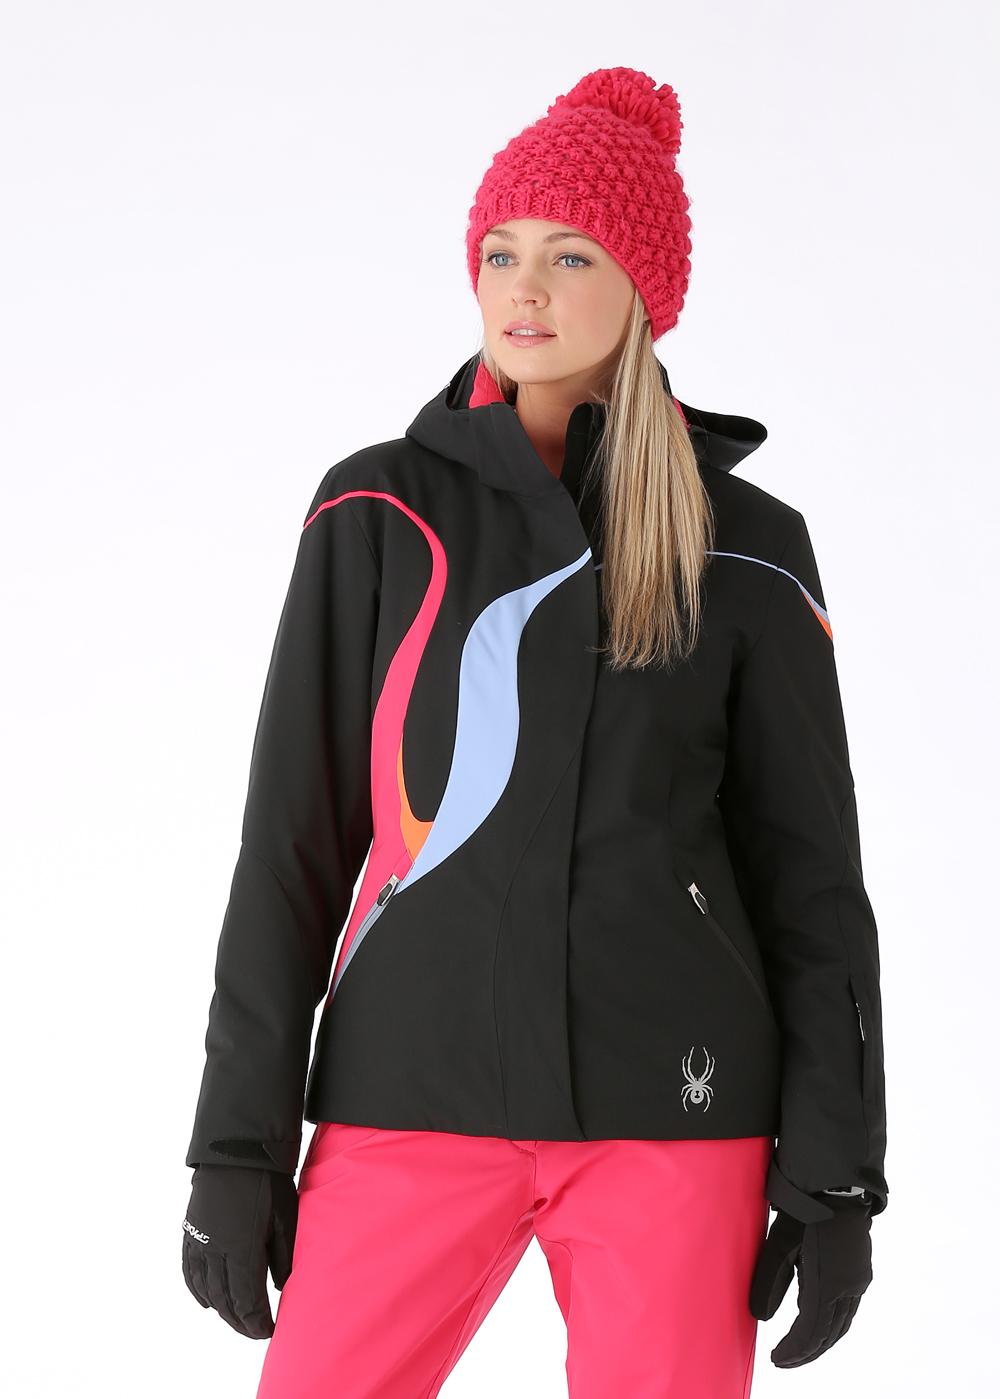 لباس های زمستانی جدید دخترانه 2014